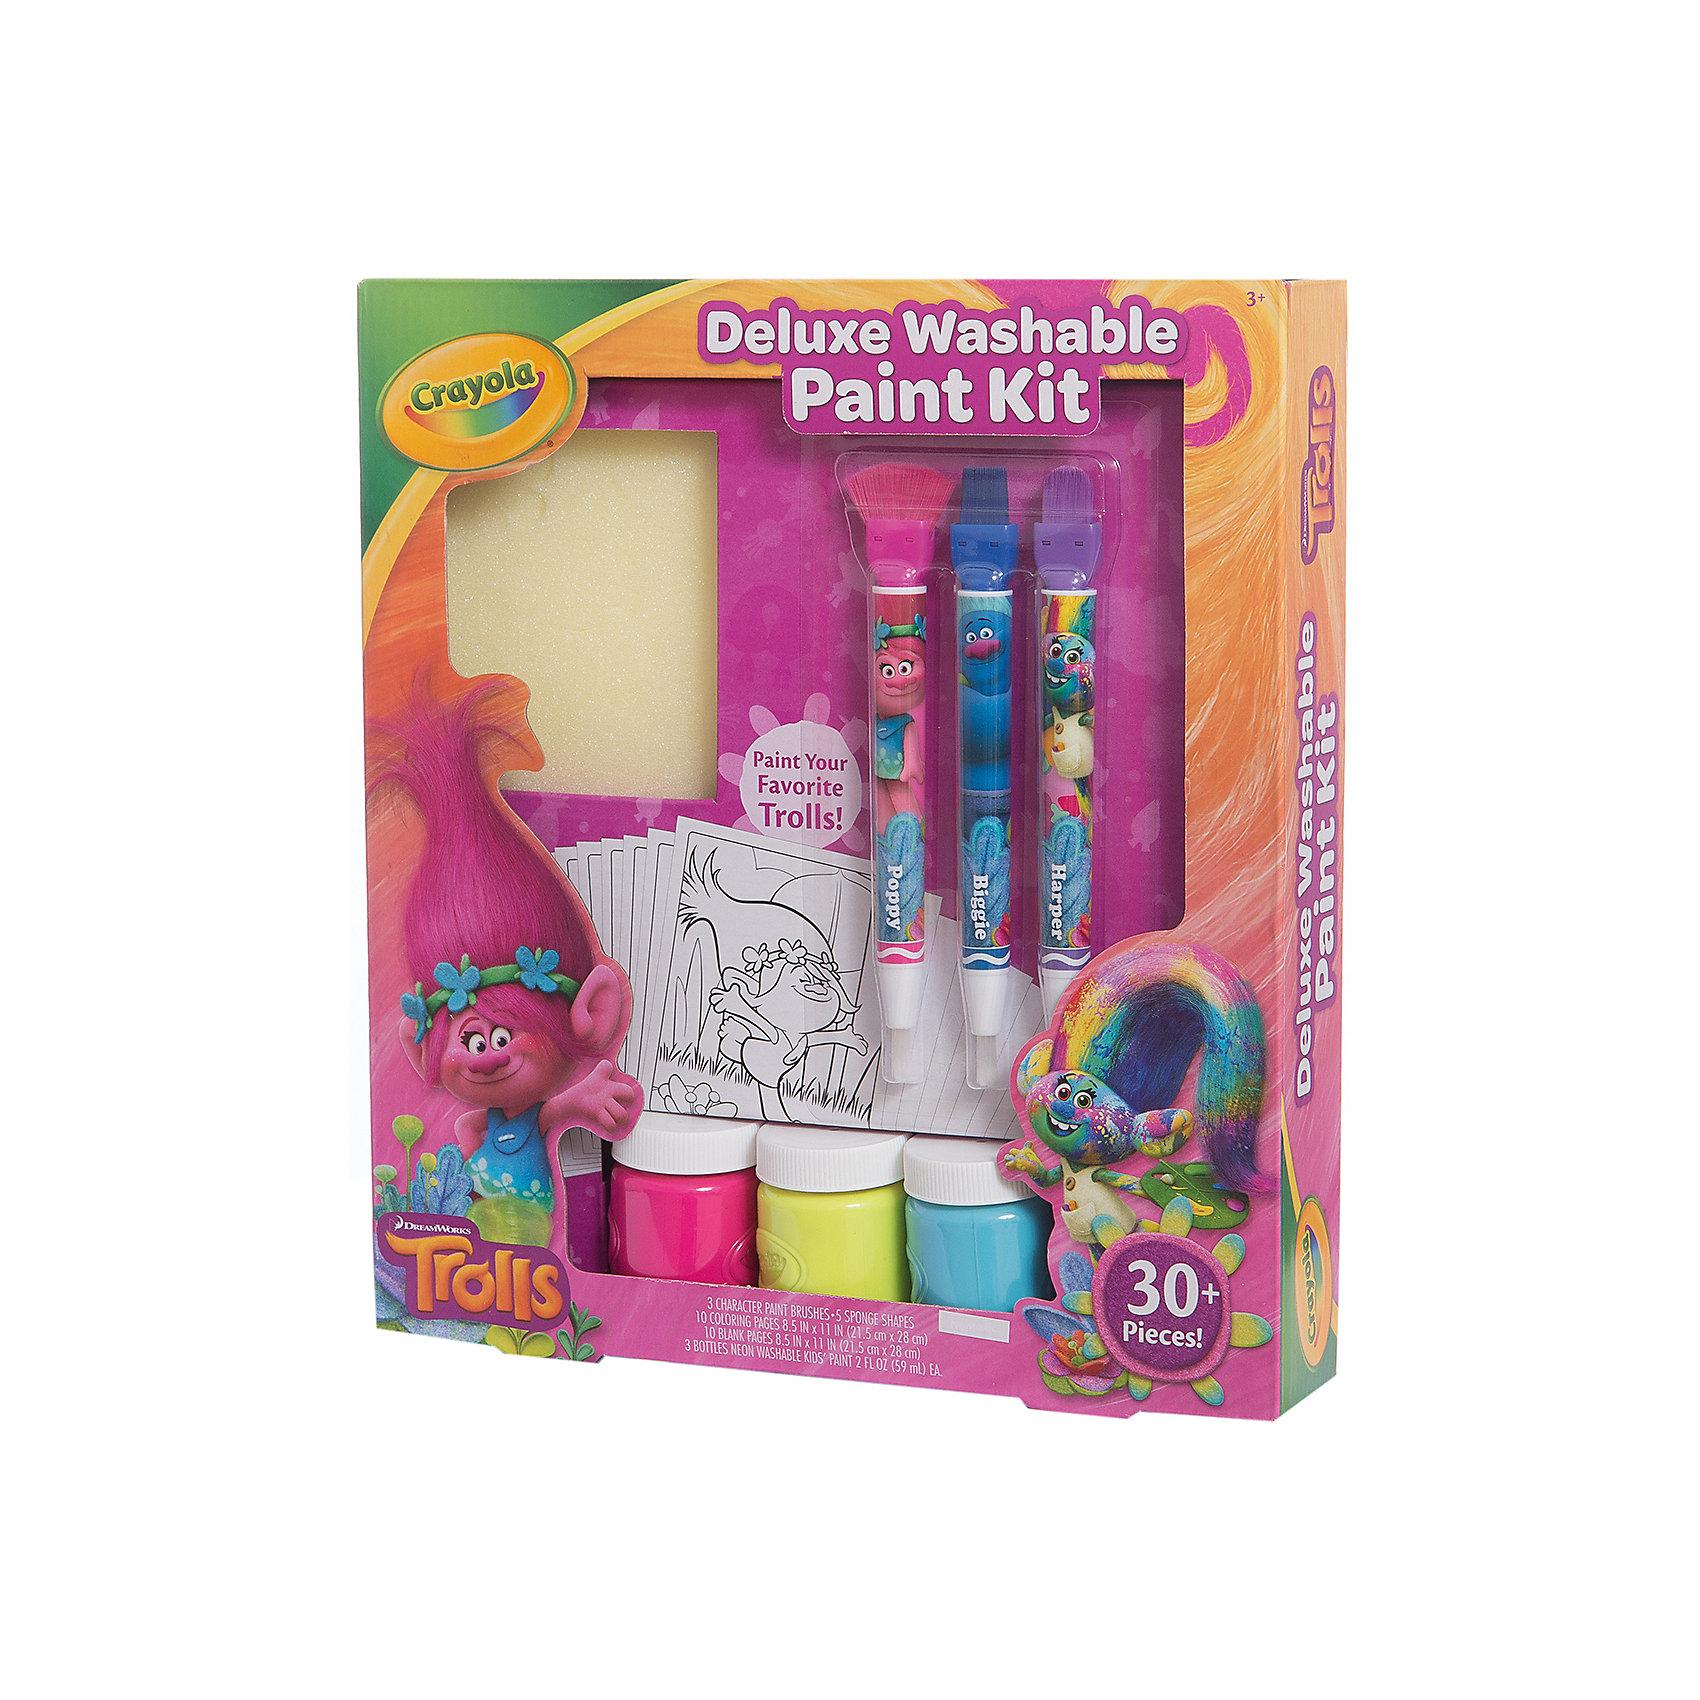 Набор с красками, Тролли ДелюксХарактеристики товара:<br><br>• материал: бумага, пластик<br>• размер: 29х24х3 см<br>• рисунки с крупными контурами<br>• комплектация:3 баночки жидкой акварели, 3 кисточки, 5 трафаретов-спонжиков, 10 листов с картинками для раскрашивания, 10 листов бумаги для рисования<br>• развивающая<br>• возраст: от трех лет<br>• страна бренда: США<br>• страна изготовитель: США<br><br>Такой набор станет отличным подарком малышам! Он отличается тем, что на картинках и предметах изображены любимые герои многих современных детей - тролли, а в наборе есть жидкая акварель. Картинок много! С помощь юрисования и раскрашивания ребенок не только весело проведет время, он будет тренировать внимательность, абстрактное мышление, логику, усидчивость, мелкую моторику и творческие способности. <br>Набор выпущен в удобном формате. Изделие производится из качественных и проверенных материалов, которые безопасны для детей.<br><br>Набор с красками Тролли от американского бренда Crayola можно купить в нашем интернет-магазине.<br><br>Ширина мм: 305<br>Глубина мм: 278<br>Высота мм: 55<br>Вес г: 604<br>Возраст от месяцев: 48<br>Возраст до месяцев: 96<br>Пол: Женский<br>Возраст: Детский<br>SKU: 4592409